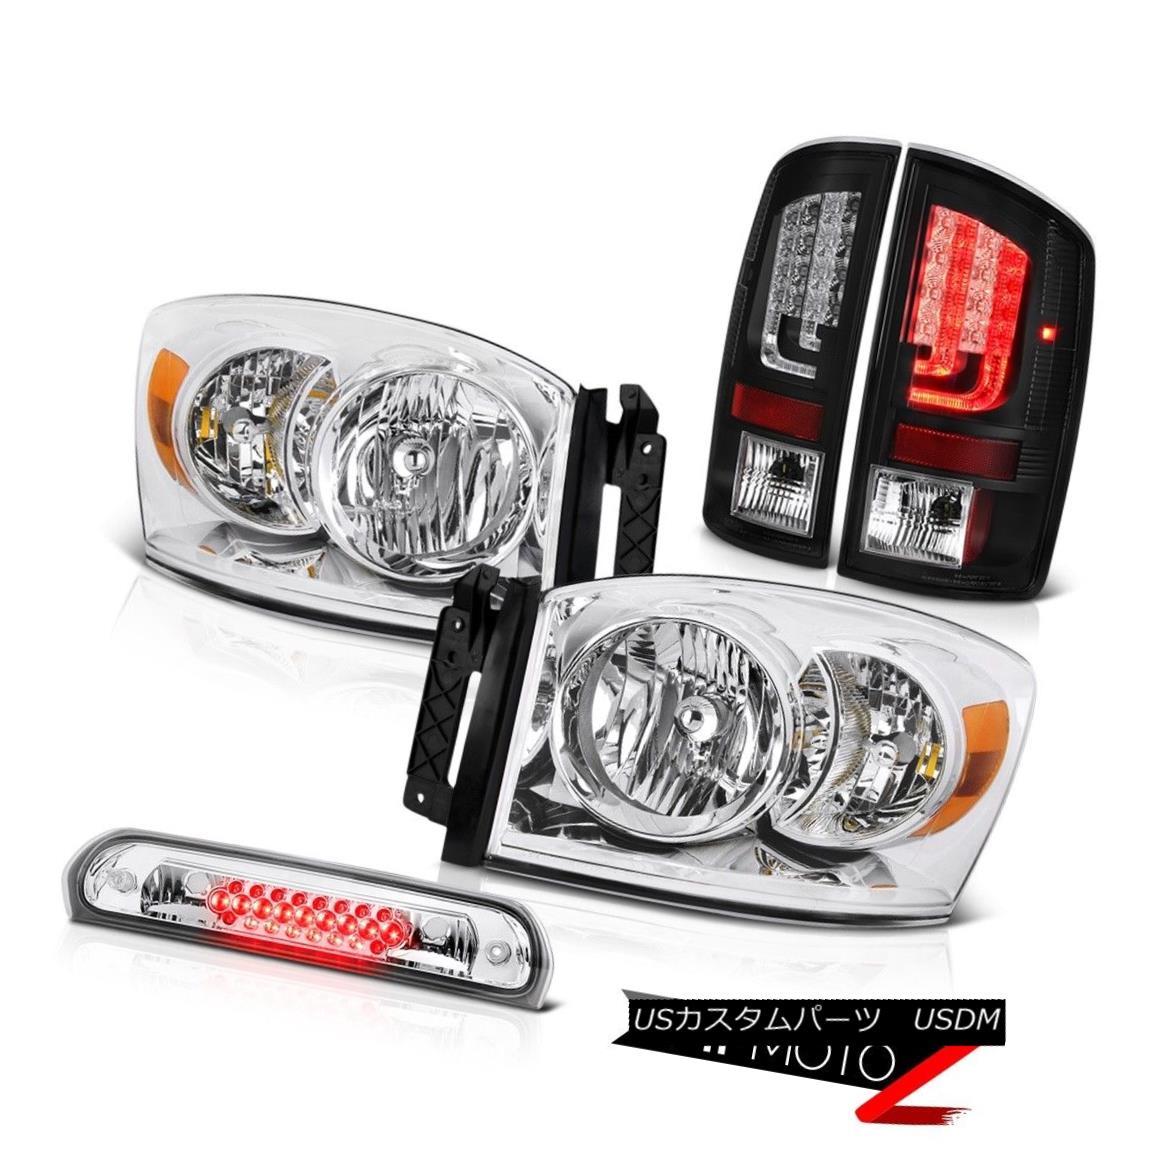 テールライト 07-09 Dodge Ram 2500 1500 4.7L Tail Lamps Headlights High STop Lamp Neon Tube 07-09ダッジラム2500 1500 4.7Lテールランプヘッドライトハイストップランプネオンチューブ